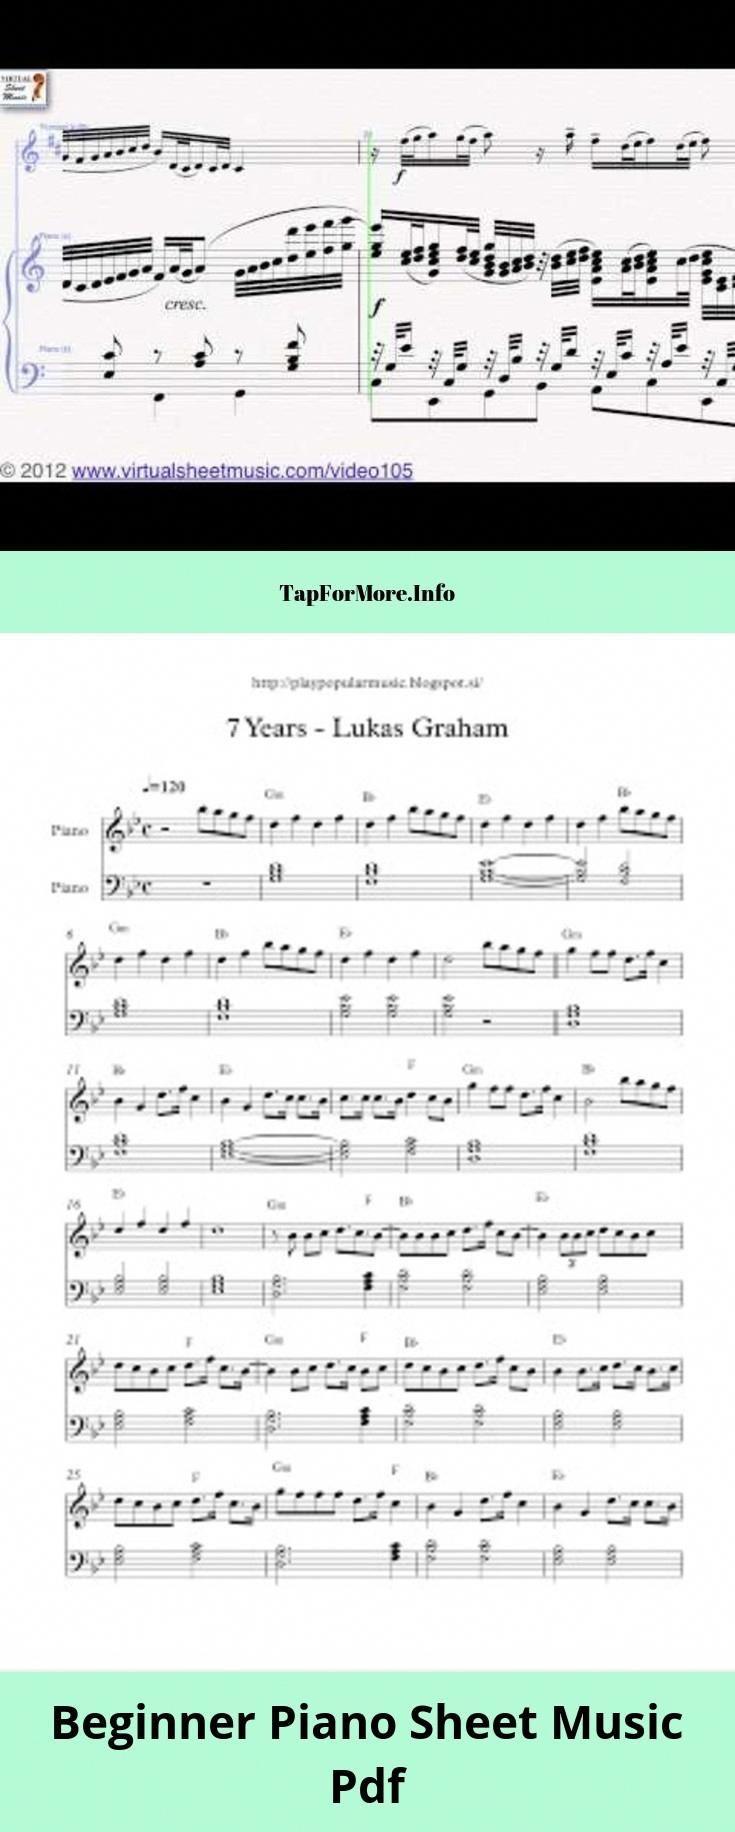 How To Read Piano Sheet Music Sheet Music Piano Sheet Music